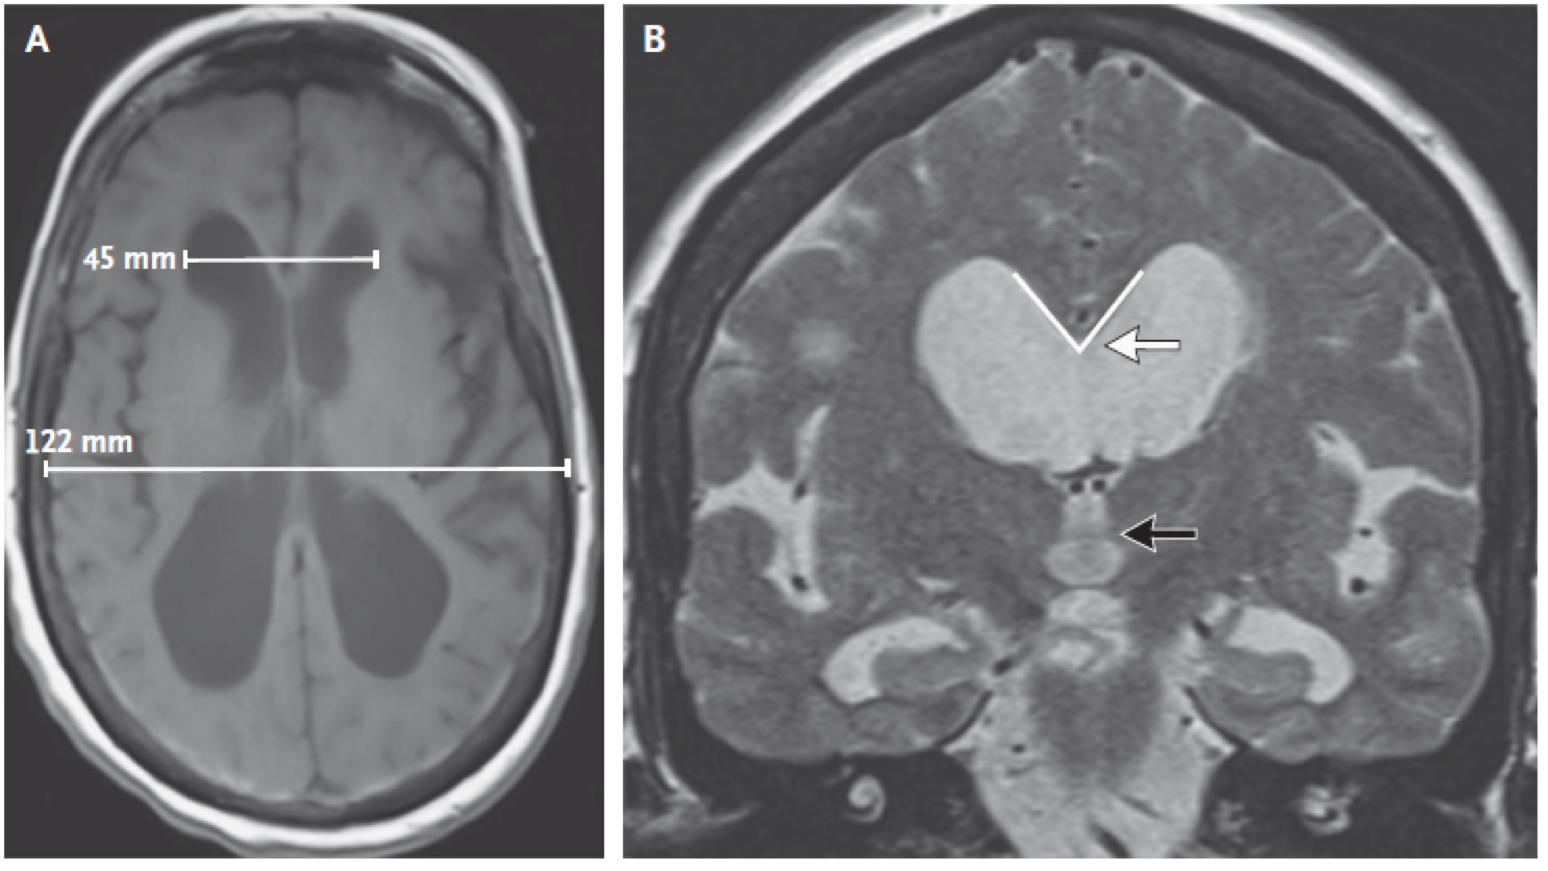 [NEJM临床医学影像]:颅压正常脑积水的脑室腹腔分流